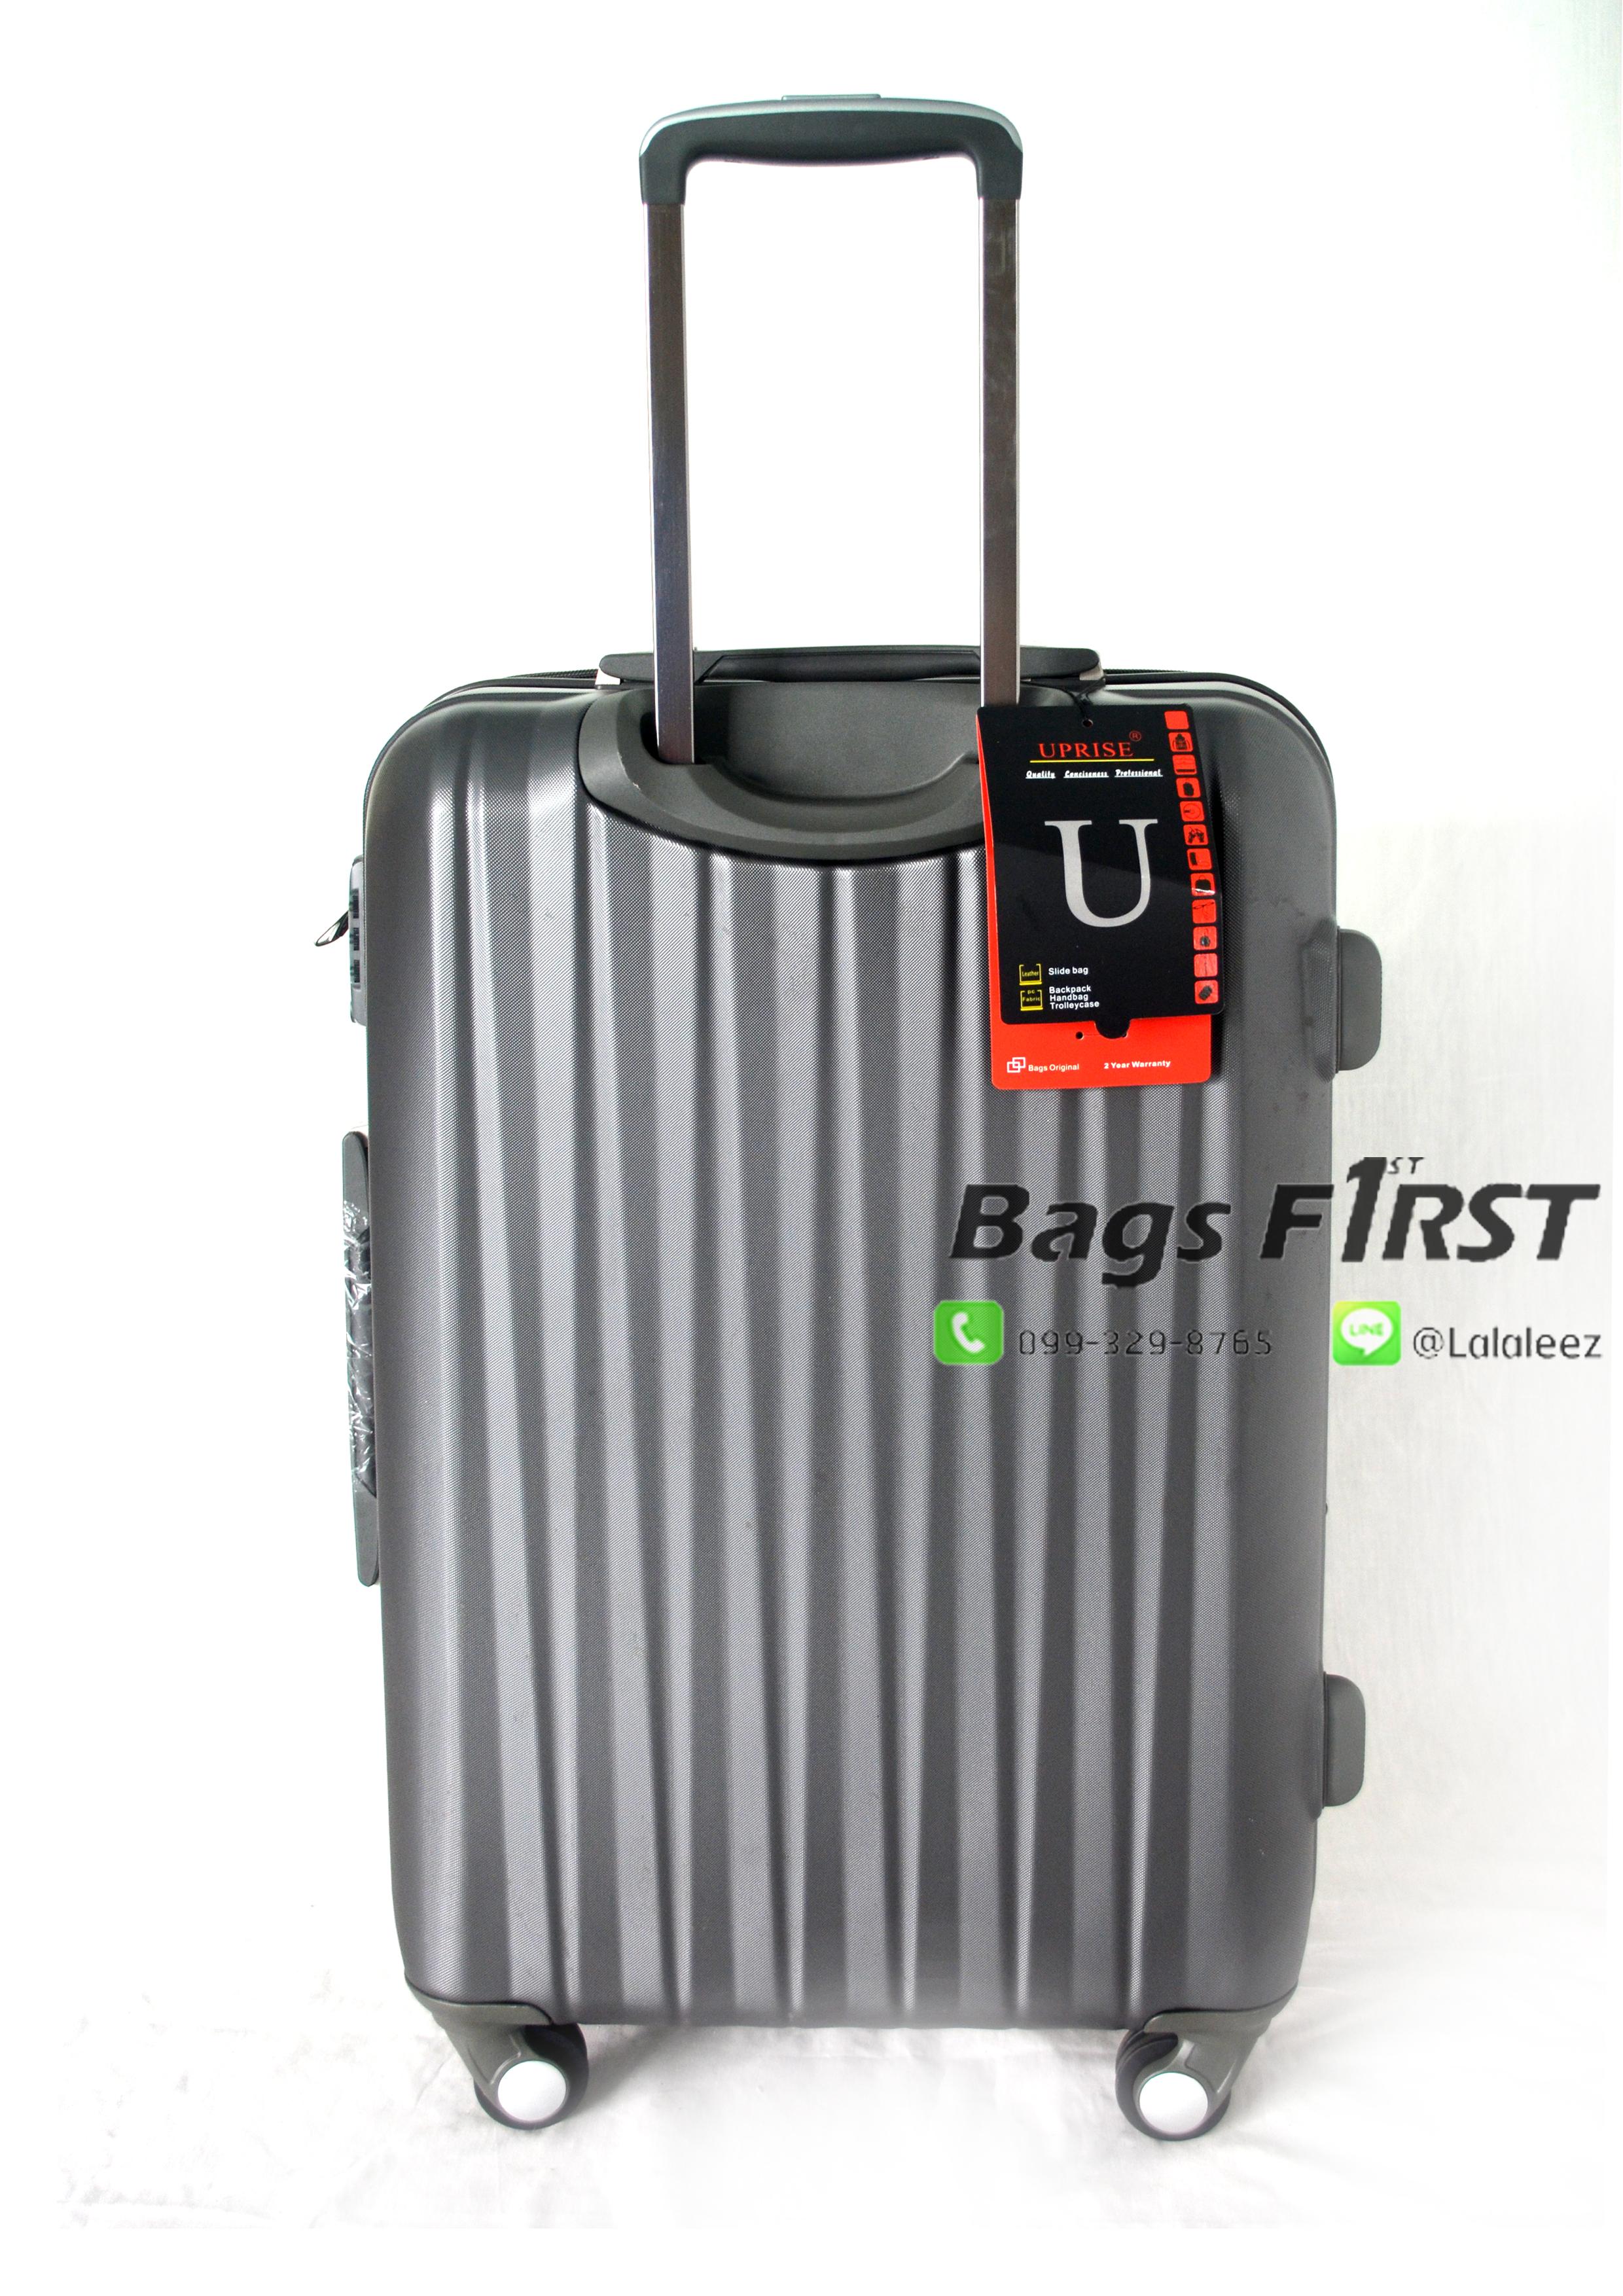 กระเป๋าเดินทางราคาส่ง กระเป๋าเดินทางมีคุณภาพ กระเป๋าเดินทางใบใหญ่ราคาถูก